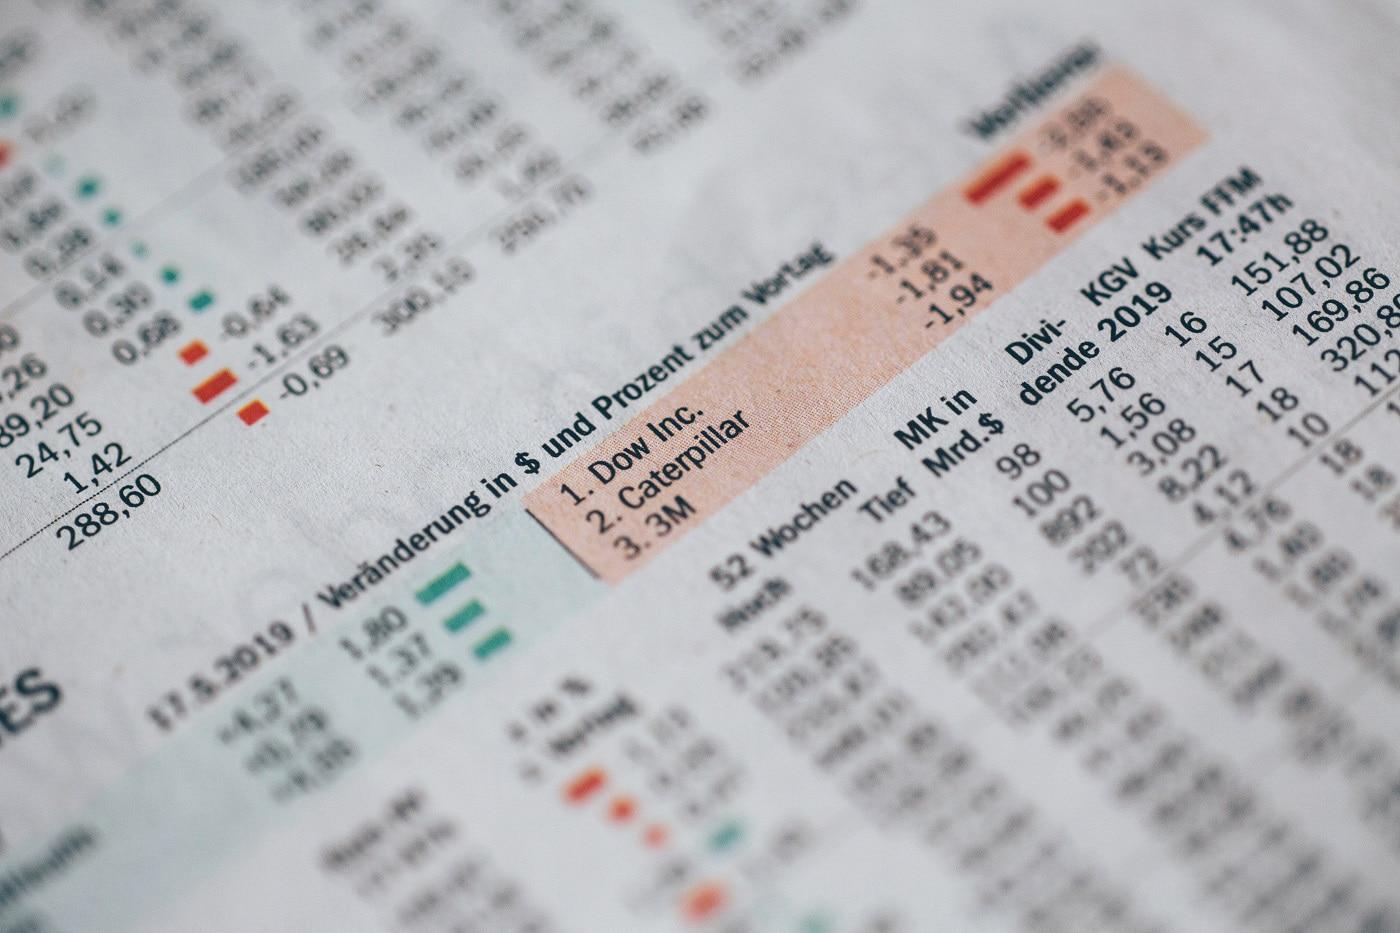 米国株の配当はいつ貰えるのか【楽天証券・SBIなど】